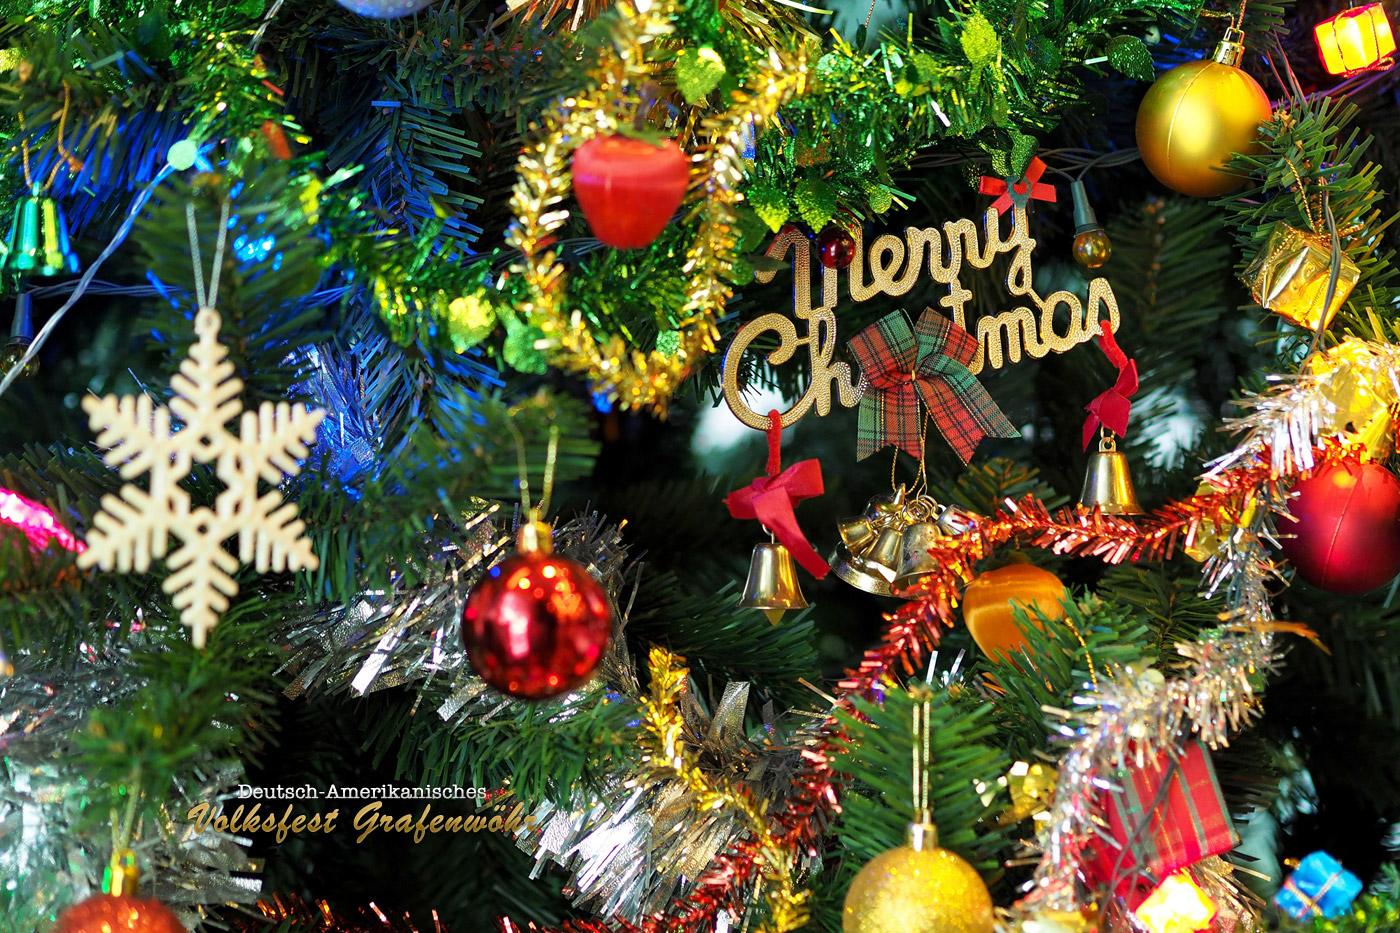 Frohe Weihnachten Norwegisch.Volksfest Grafenwoehr De Wünscht Allen Frohe Weihnachten